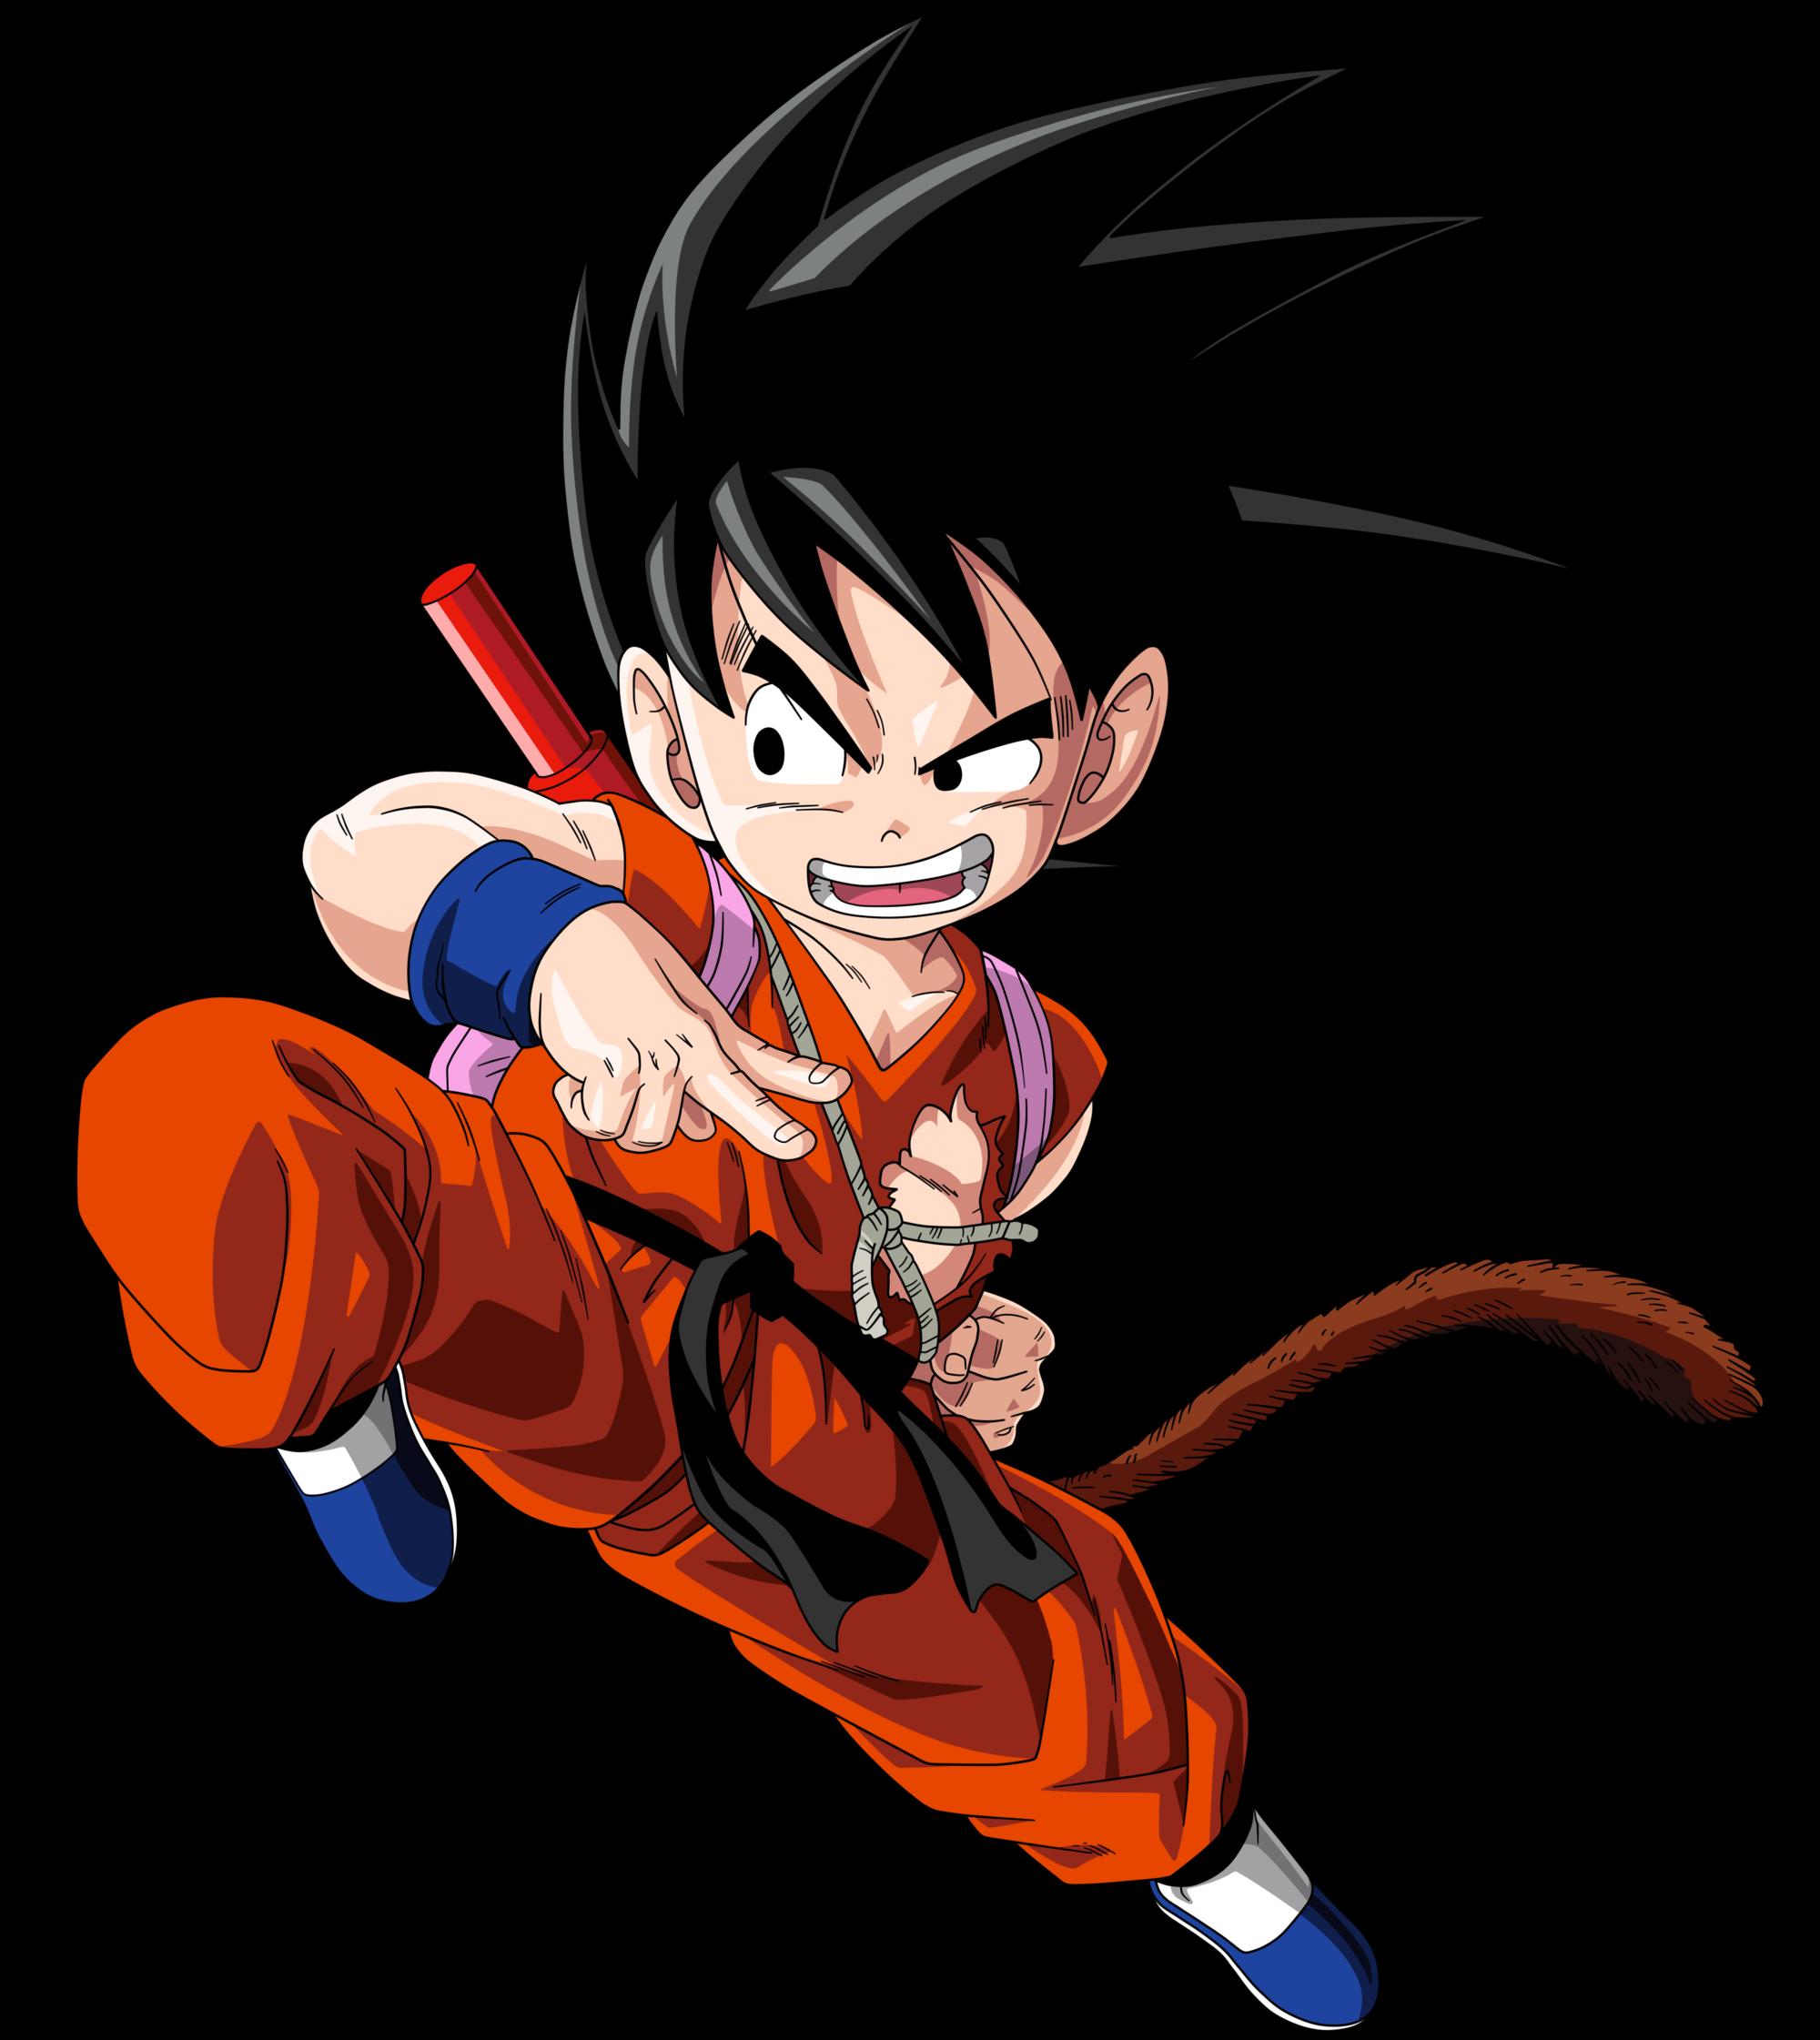 Goku Kid Goku Anime Dragon Ball Super Dragon Ball Z Wall Stickers